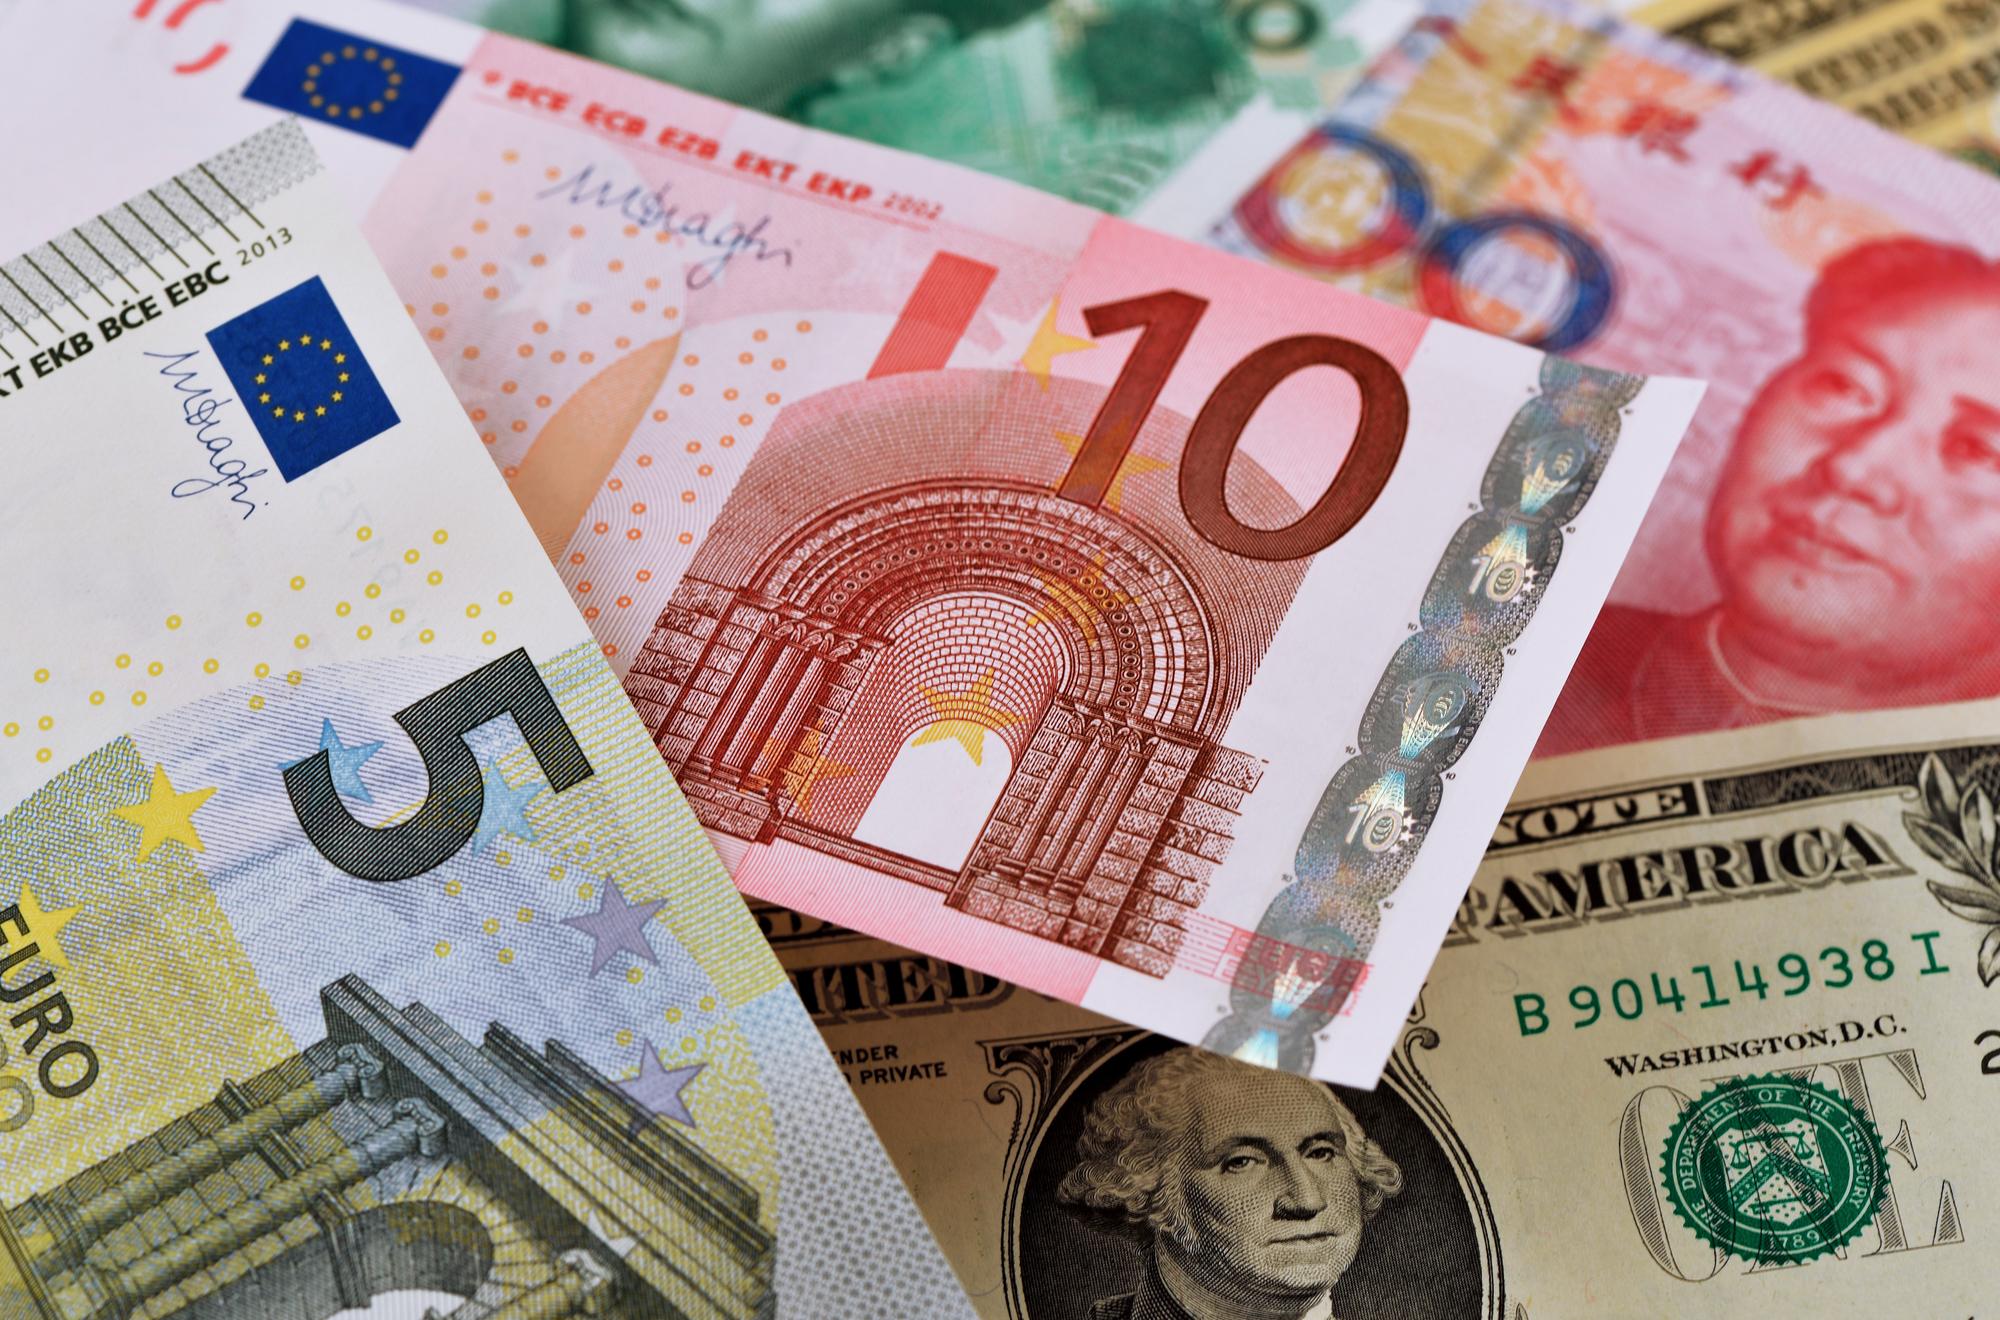 外貨建て預金は円建て預金よりも金利が高い